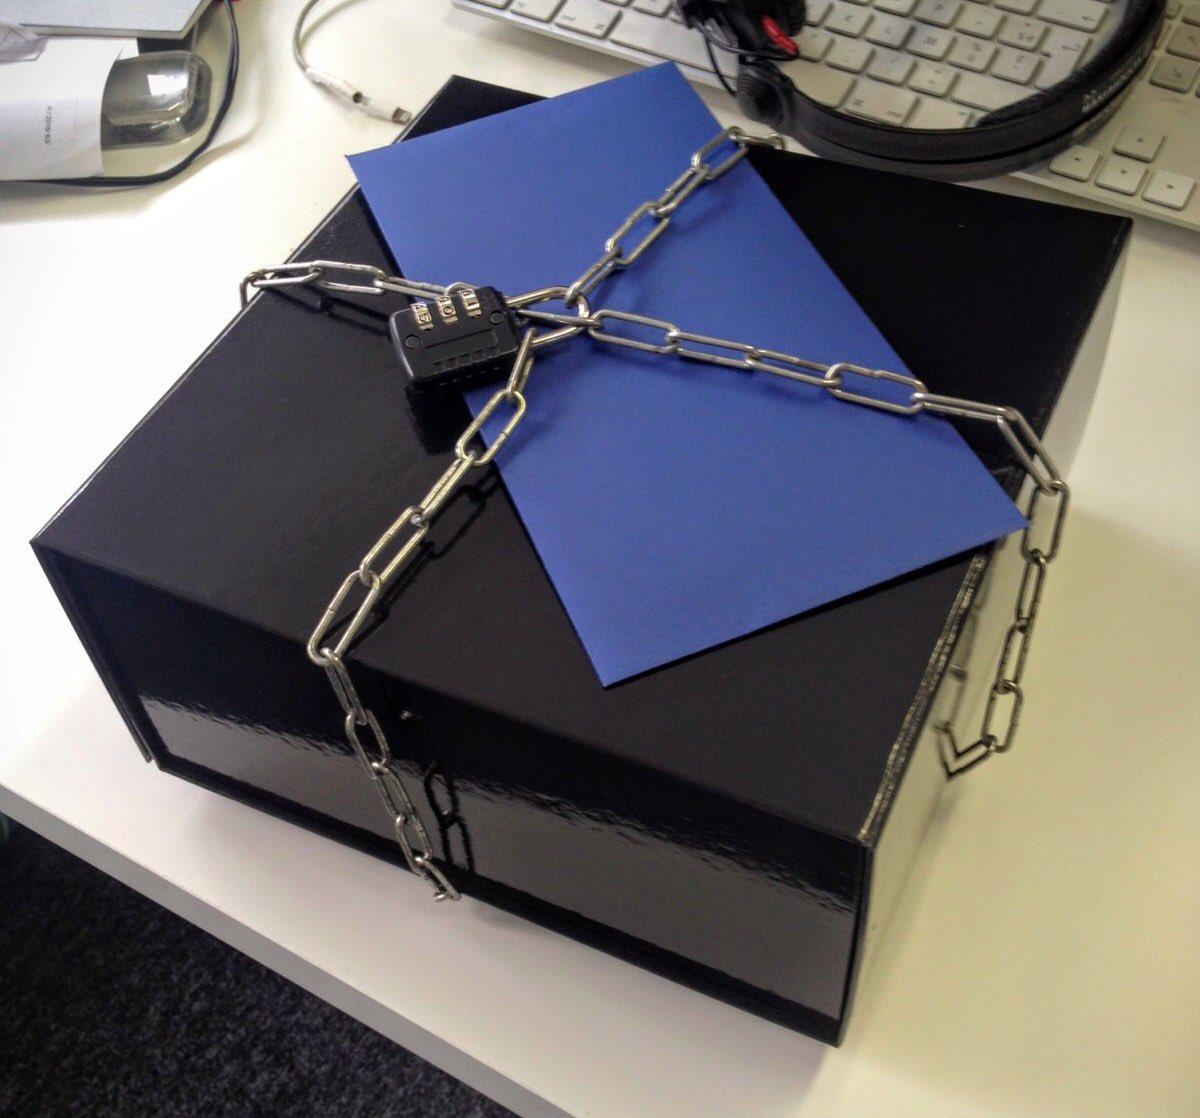 Ce qui se passe quand Granola nous envoie une boite avec un cadenas sans le code... #nightassistance https://t.co/OxZHvo0kuQ